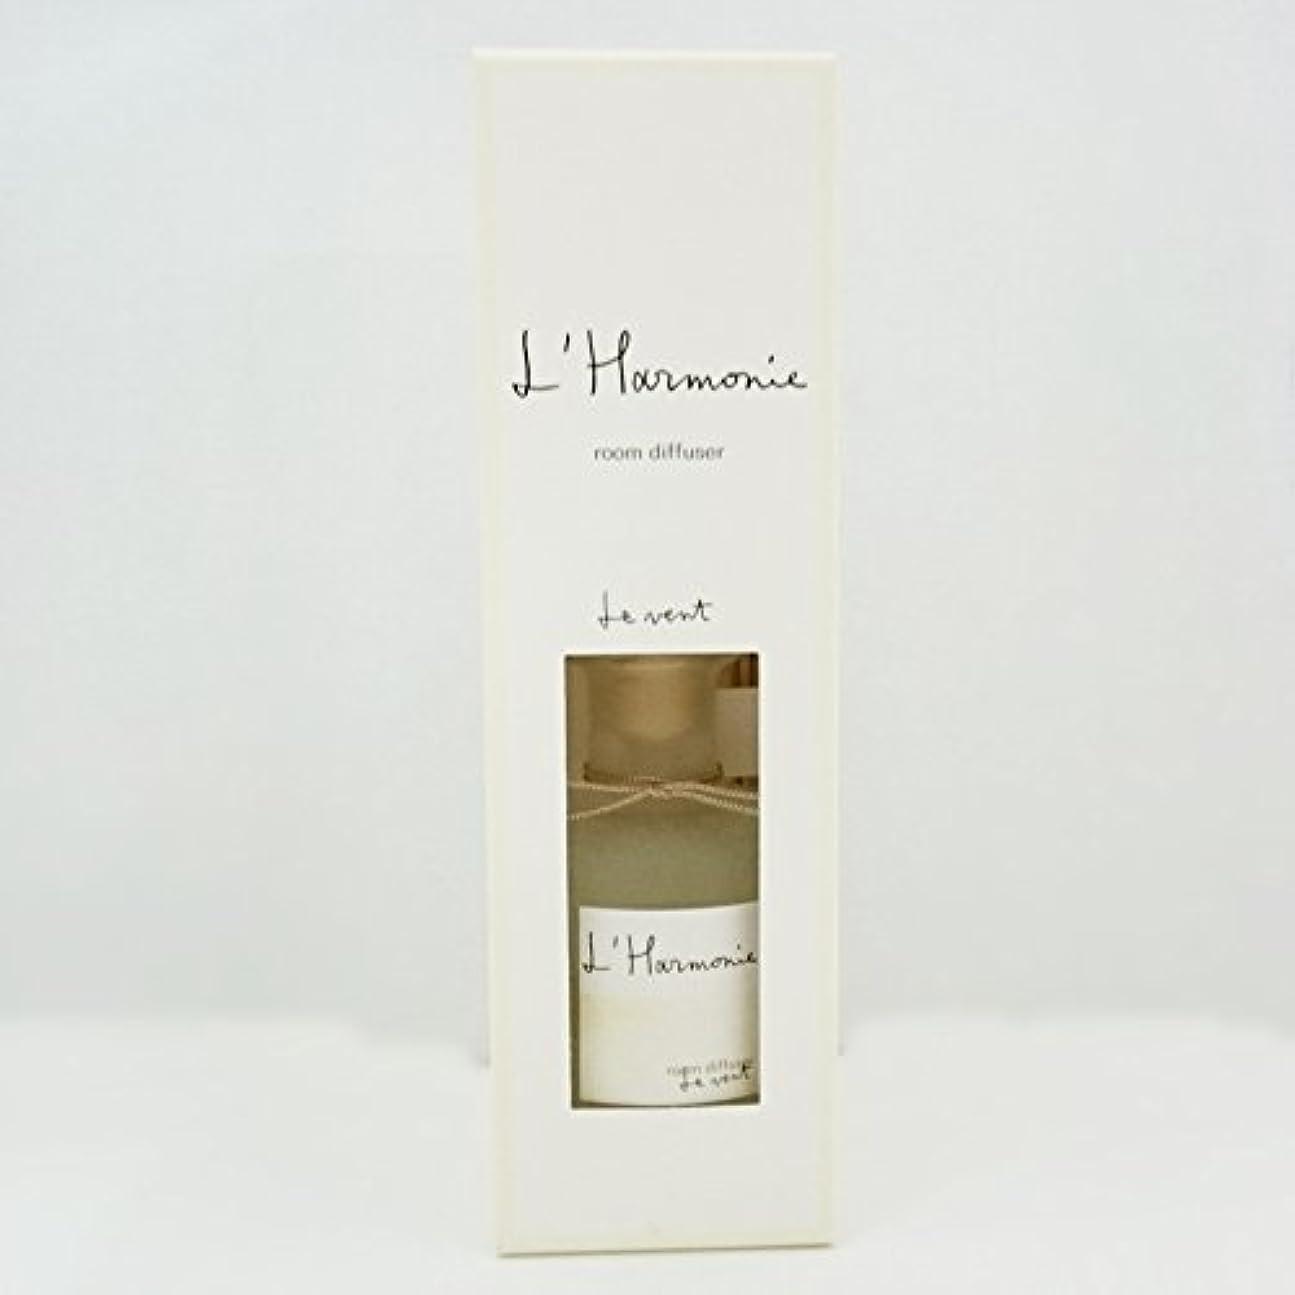 ネット状ぶどうLothantique(ロタンティック) L' Harmonie(アルモニ) ルームディフューザー 200ml 「Le vent(ヴァン)」 4994228024640